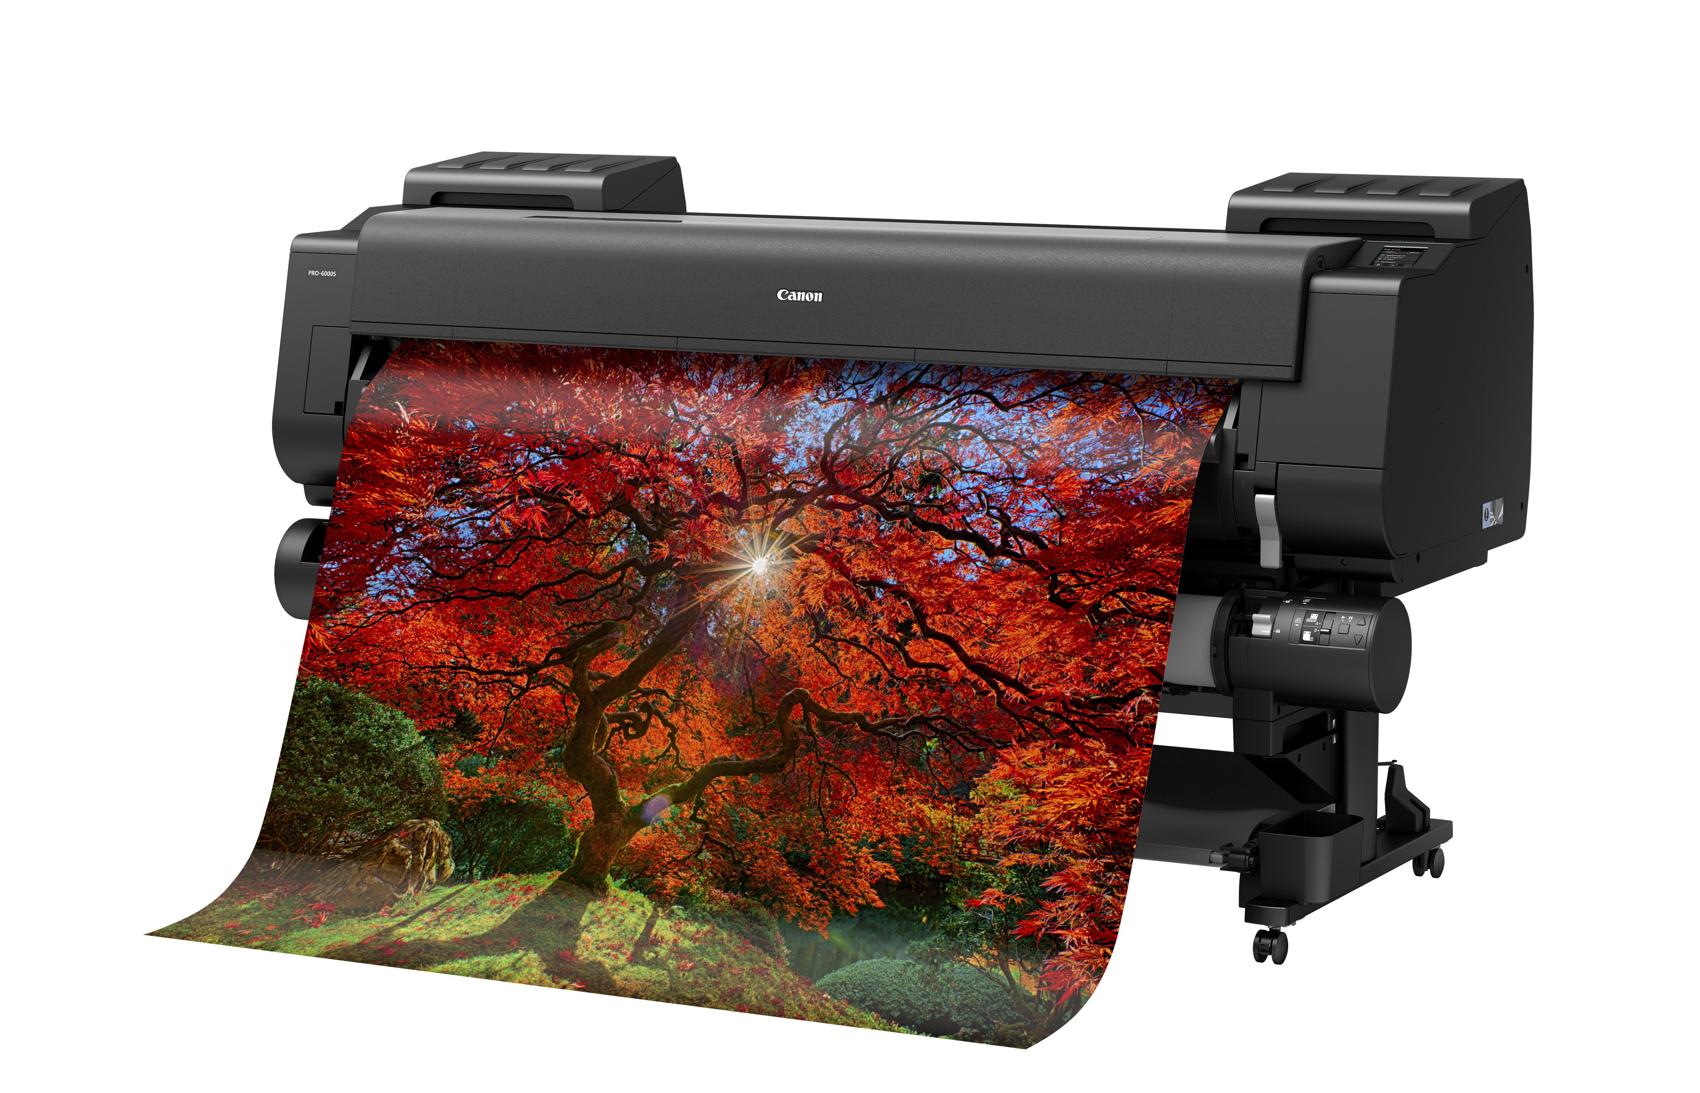 canon-printer-imageprograf-6100